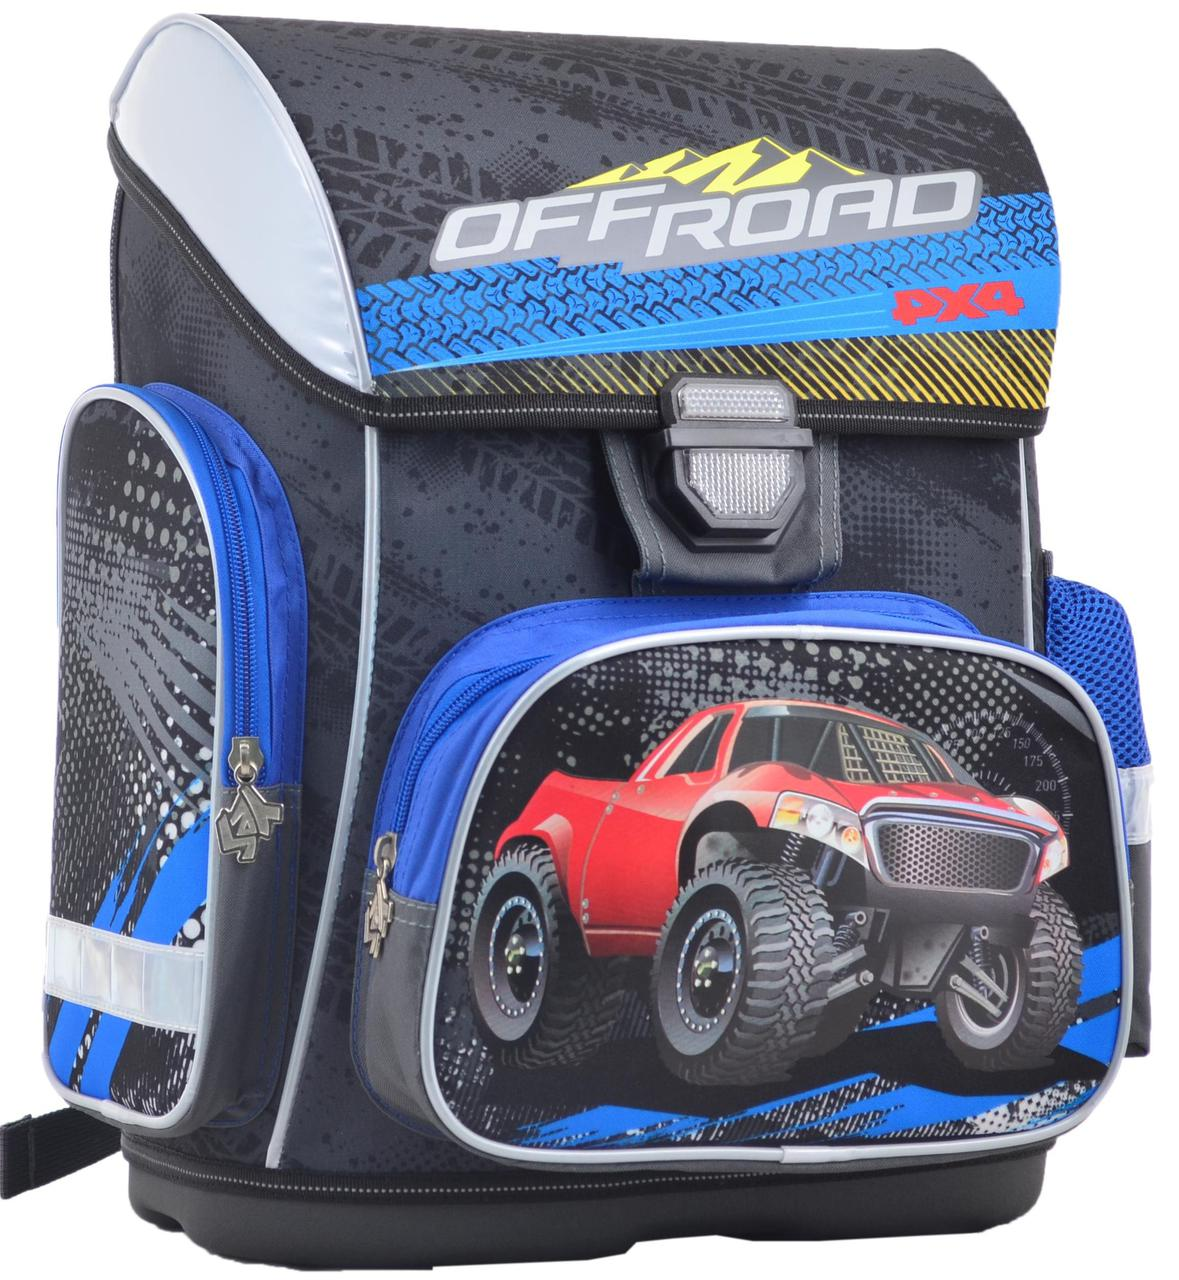 Школьный каркасный рюкзак 1 вересня H-26 Off-Road 555088 19 л Серый